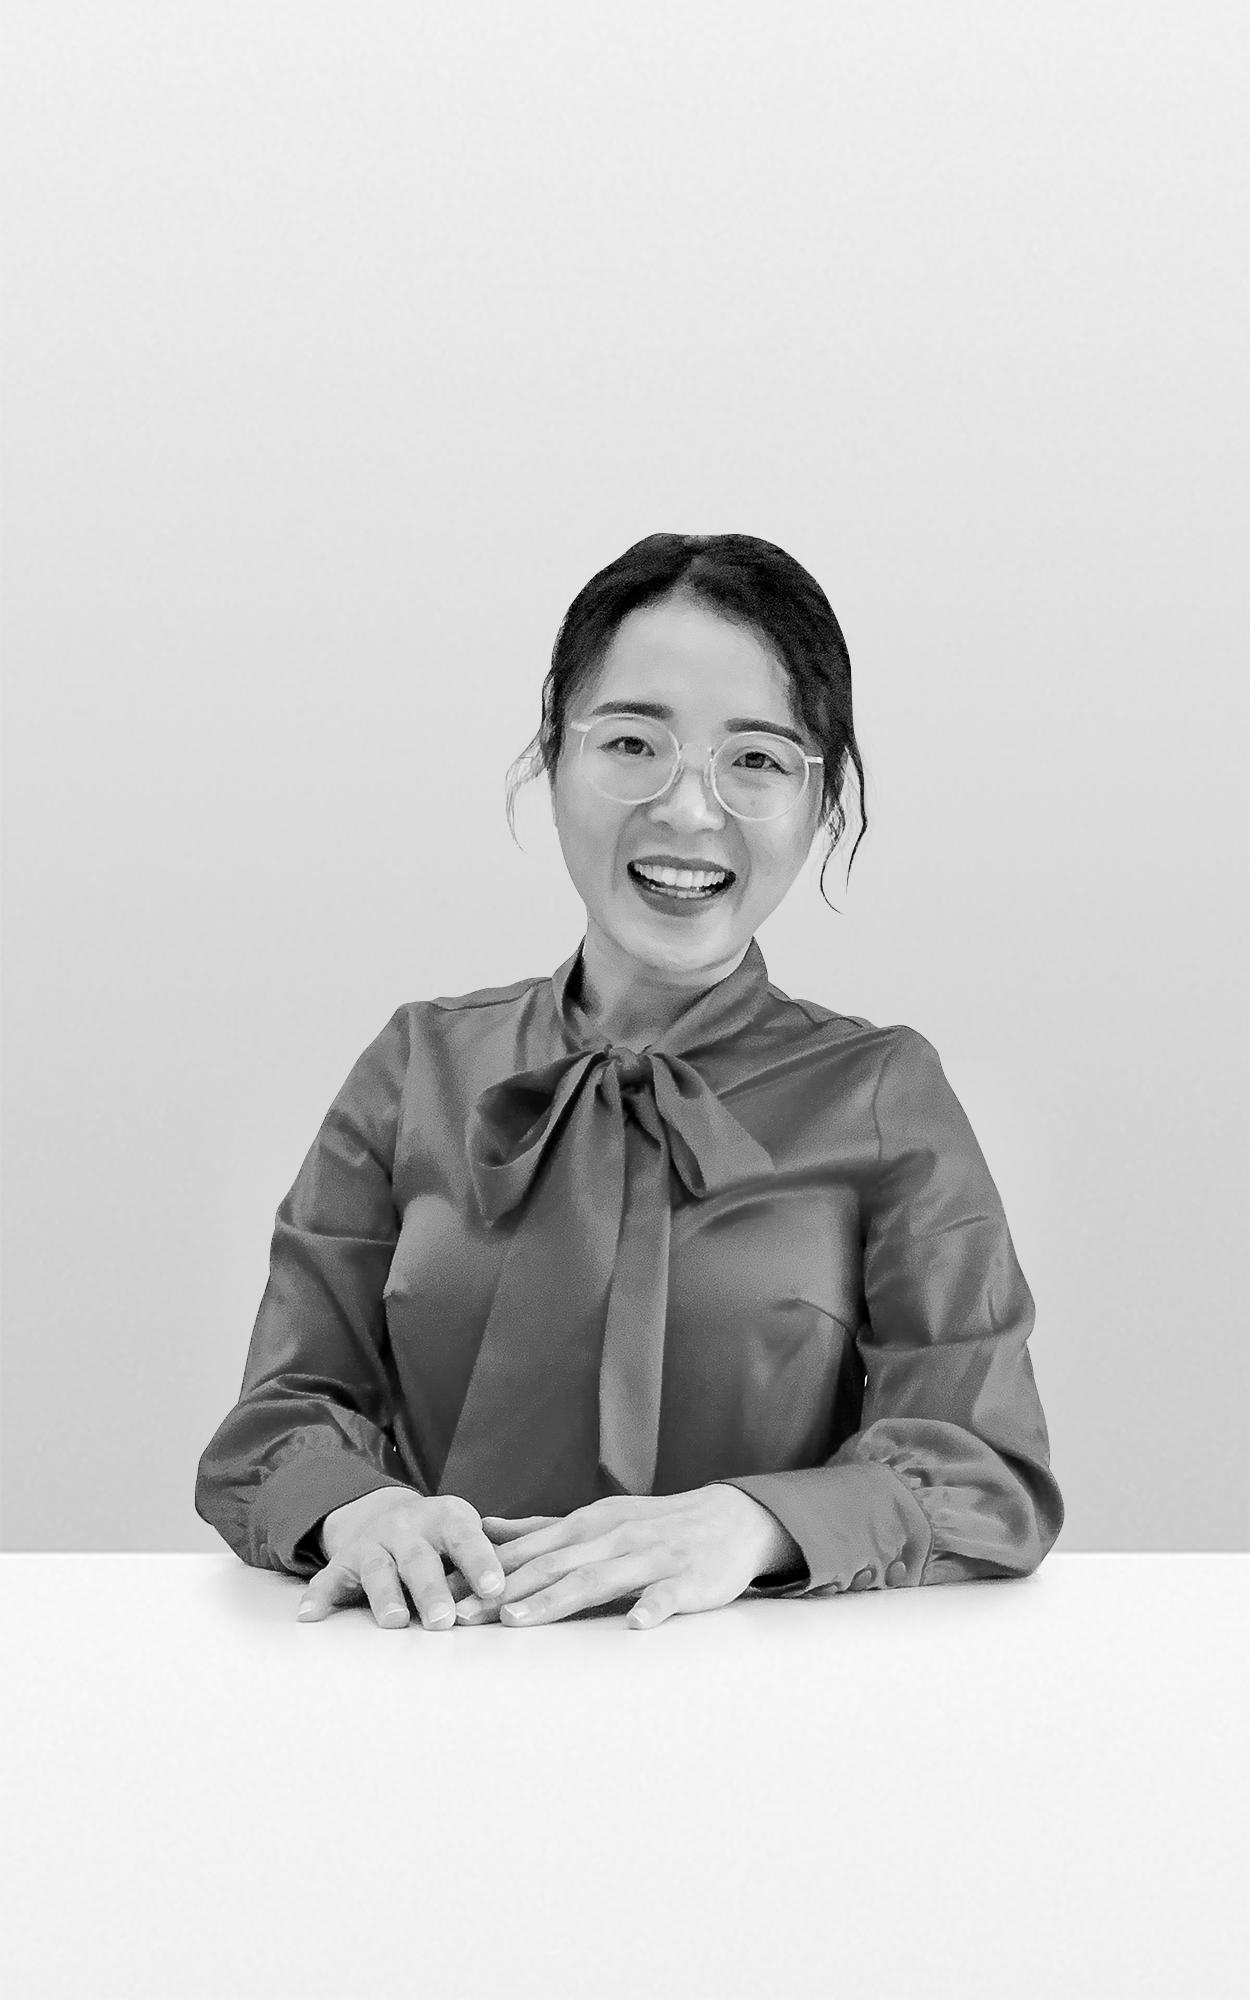 Jiang Cheng